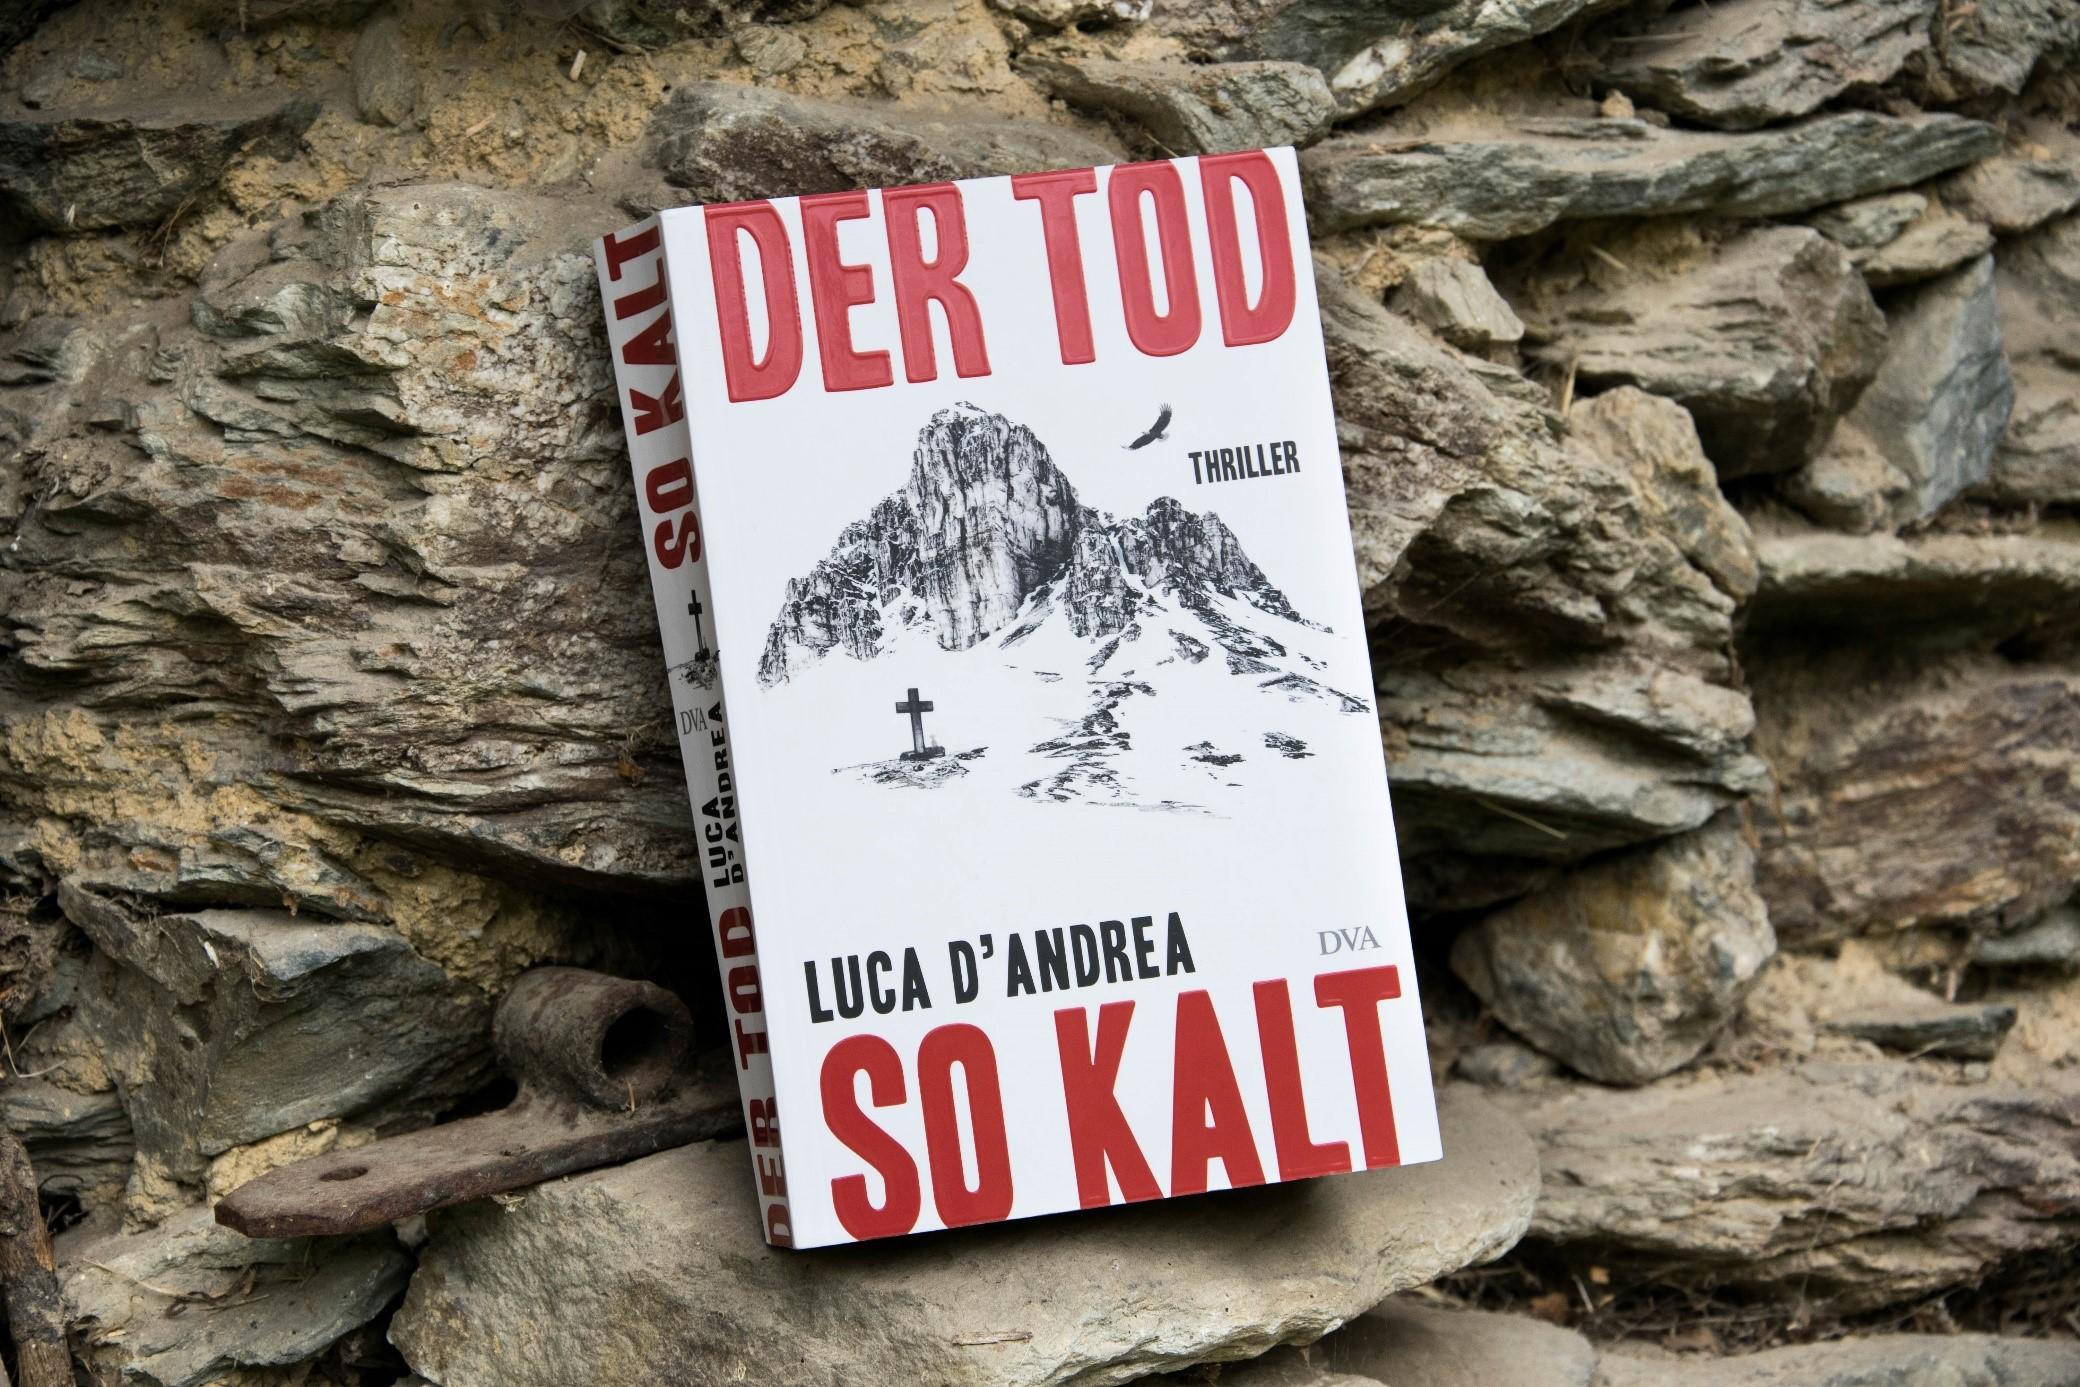 Luca d'Andrea: Der Tod so kalt - Der Bletterbachkrimi ...